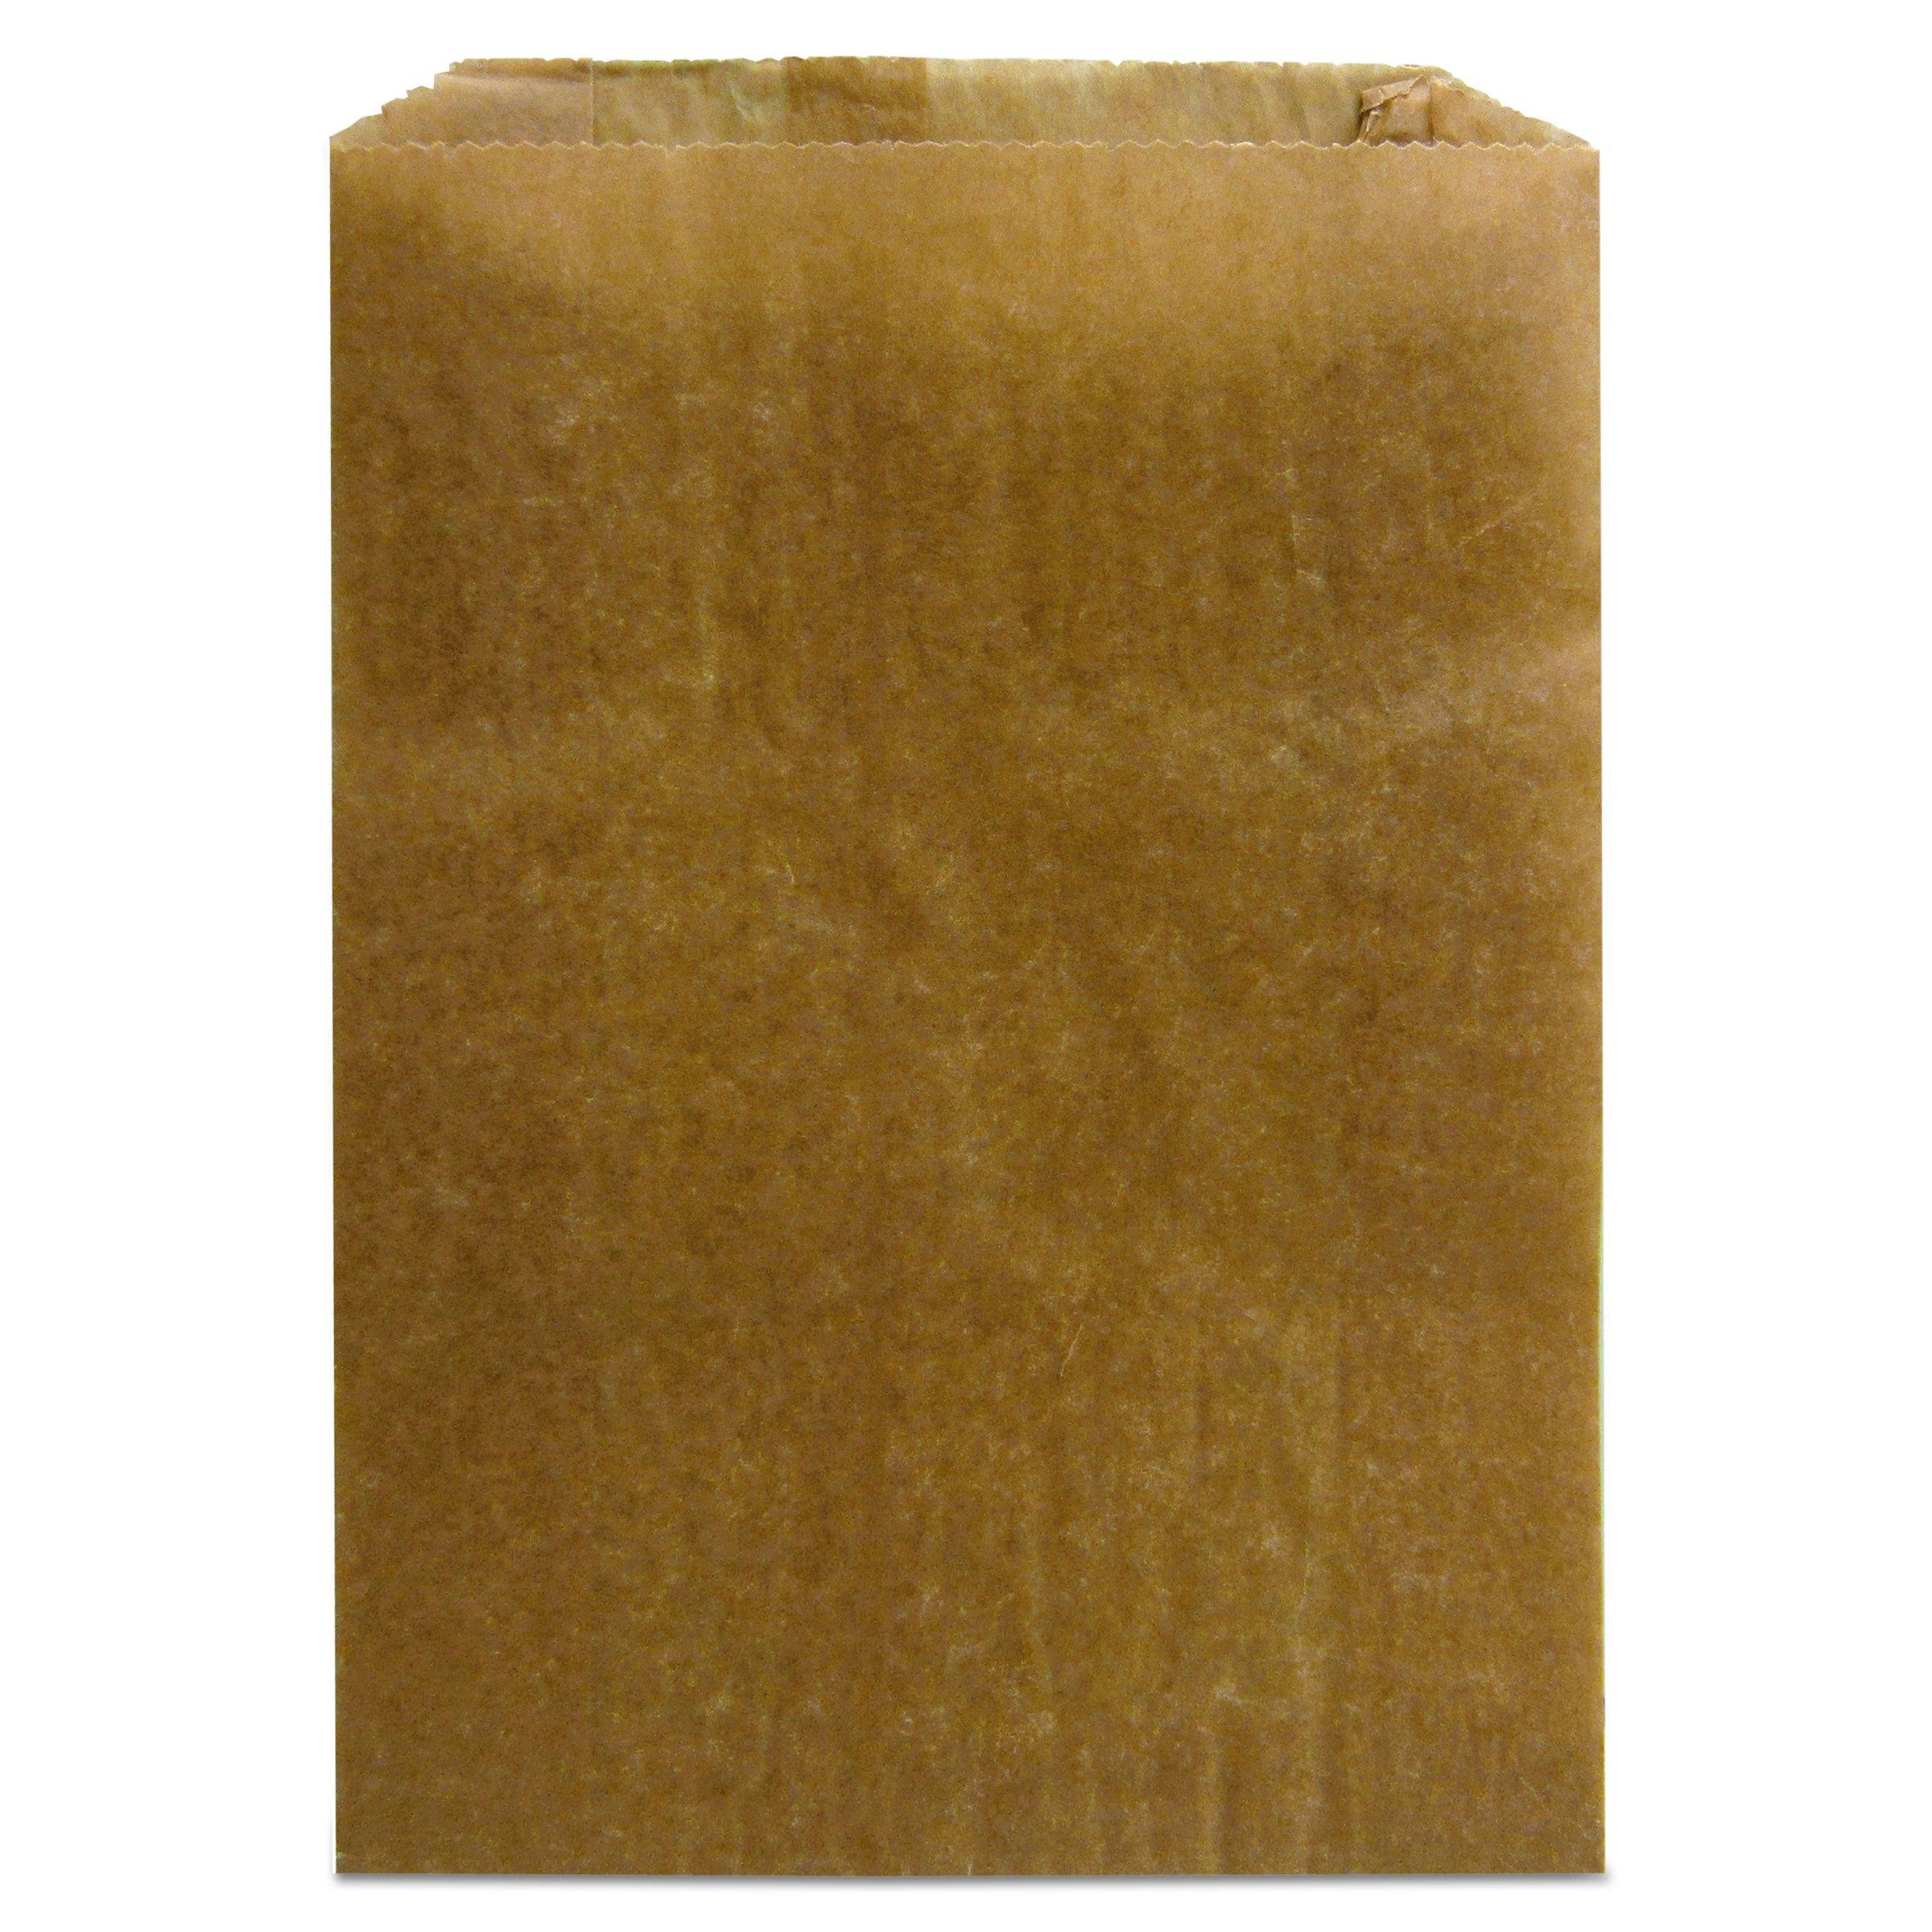 Hospeco KL Waxed Kraft Feminine Hygiene Liner Bag with Gusset ,10.25'' x 7.5'' x 3.5'',(Case of 500) by Hospeco